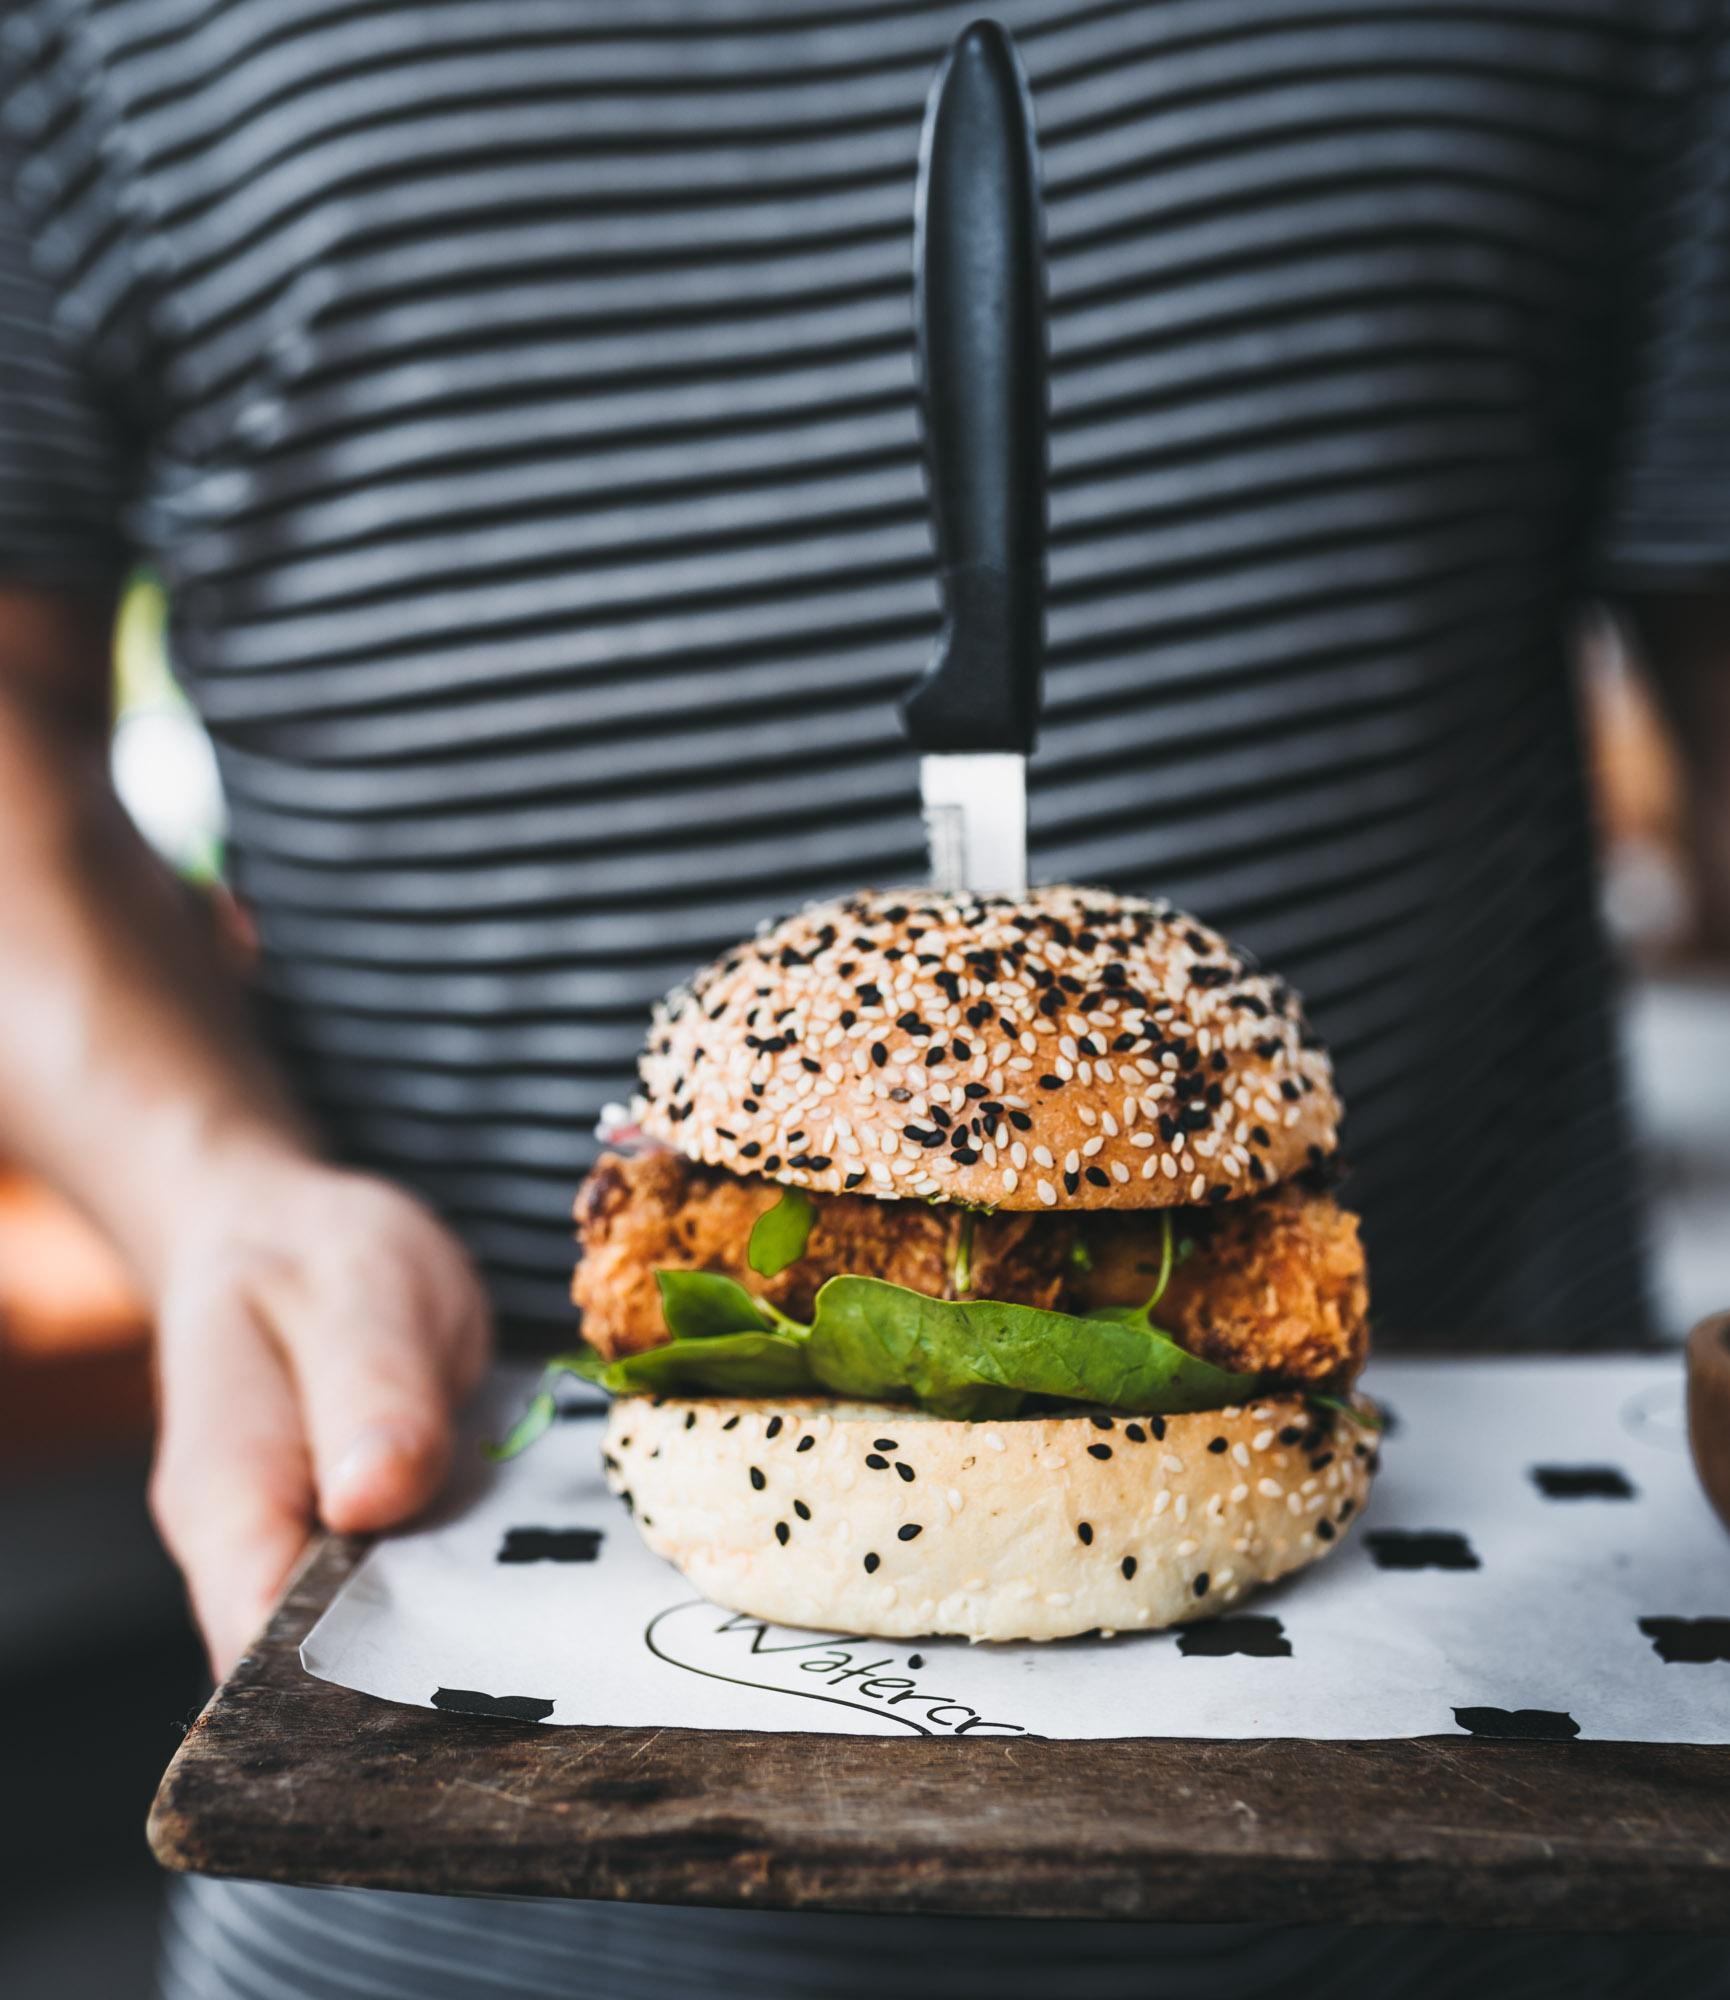 keira-mason-watercress-chicken-burger-cafe.jpg